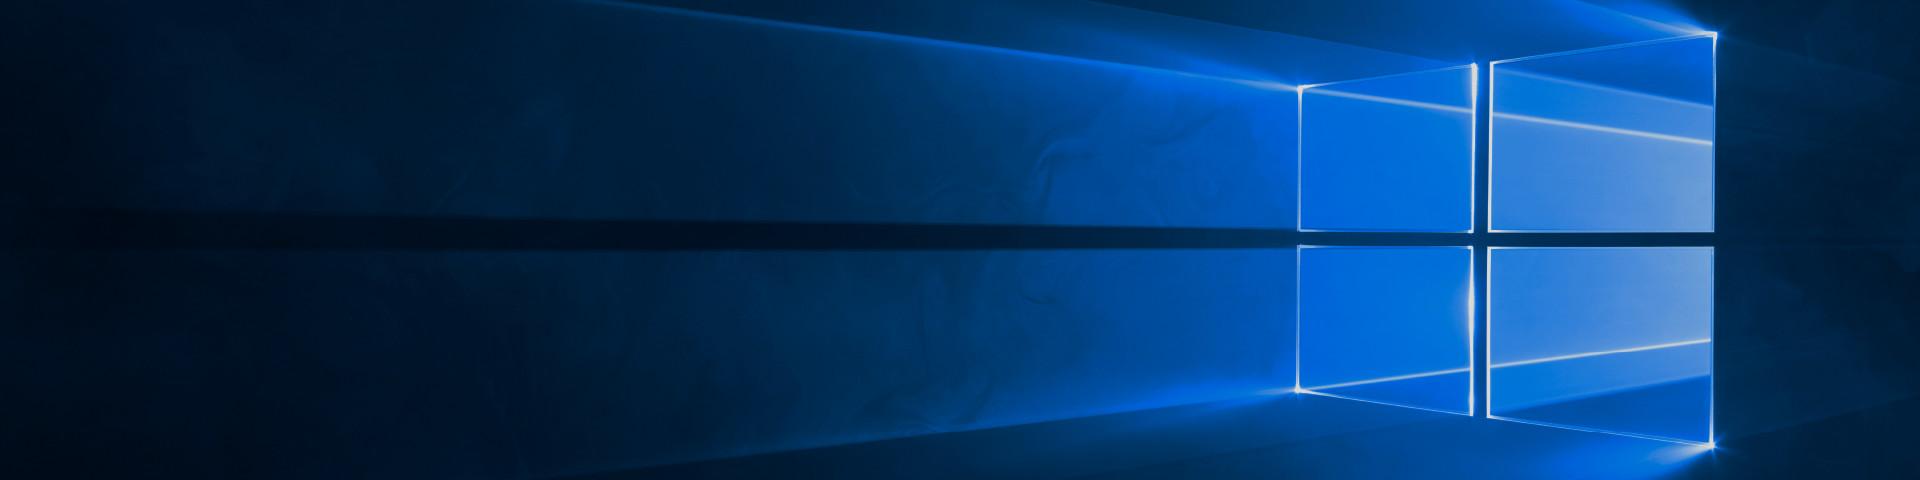 Oknem prosvítají paprsky světla, kupte si astáhněte Windows10